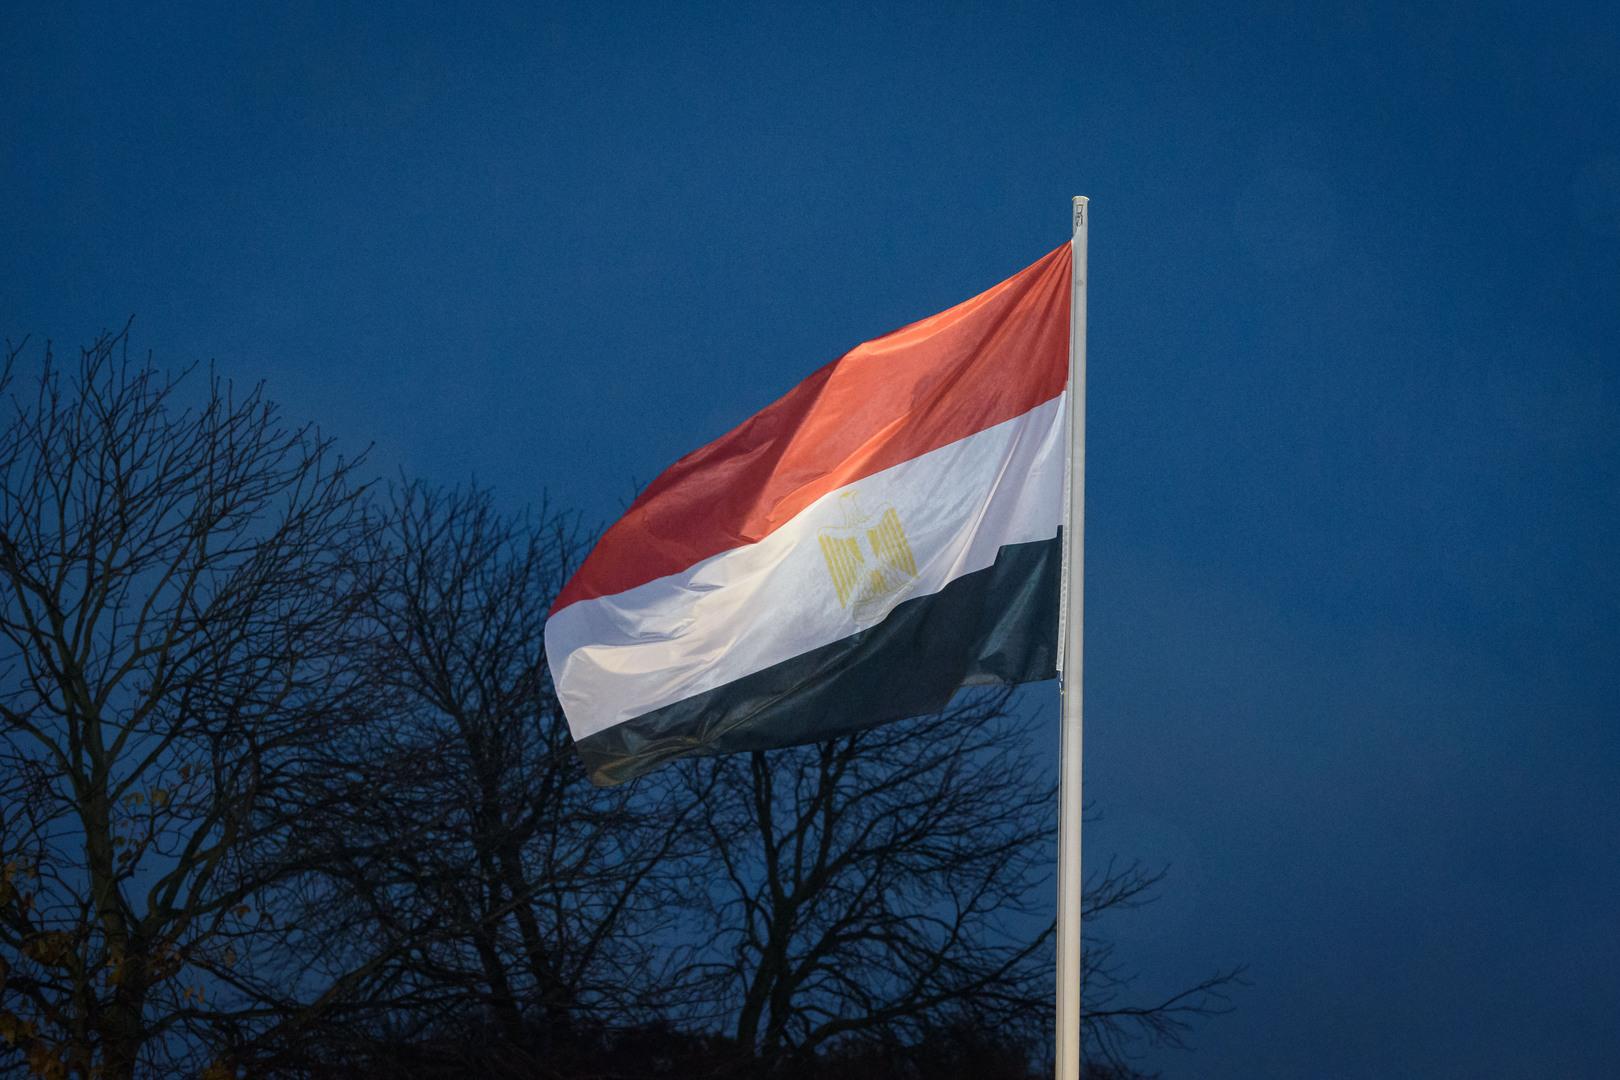 الحكومة المصرية تنفي إهدار أموال الأوقاف